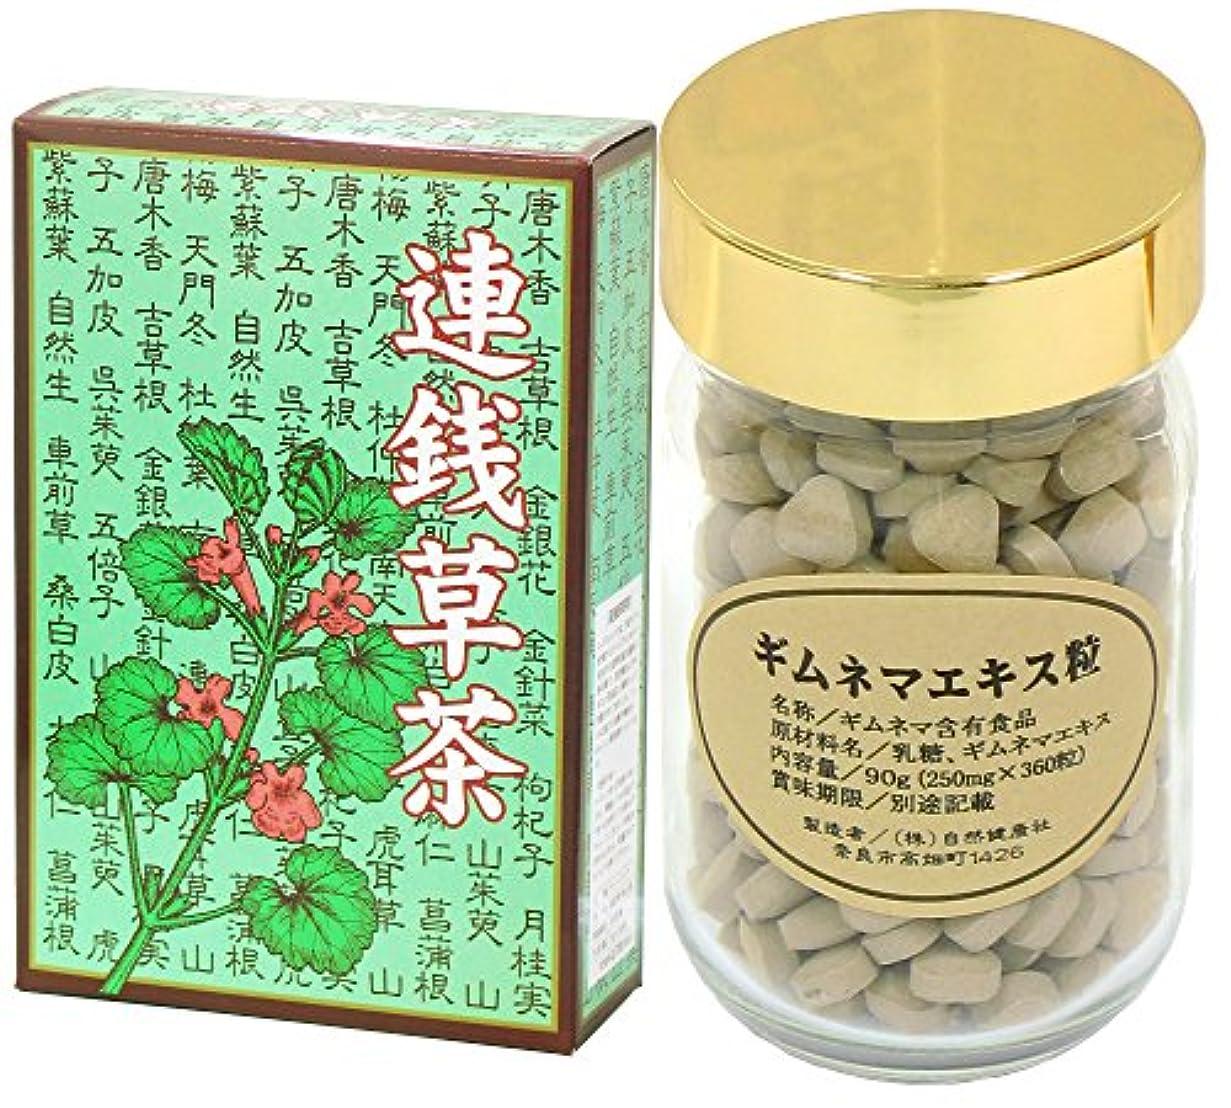 サイトライン一般化する小麦粉自然健康社 国産連銭草茶 30パック + ギムネマエキス粒 90g